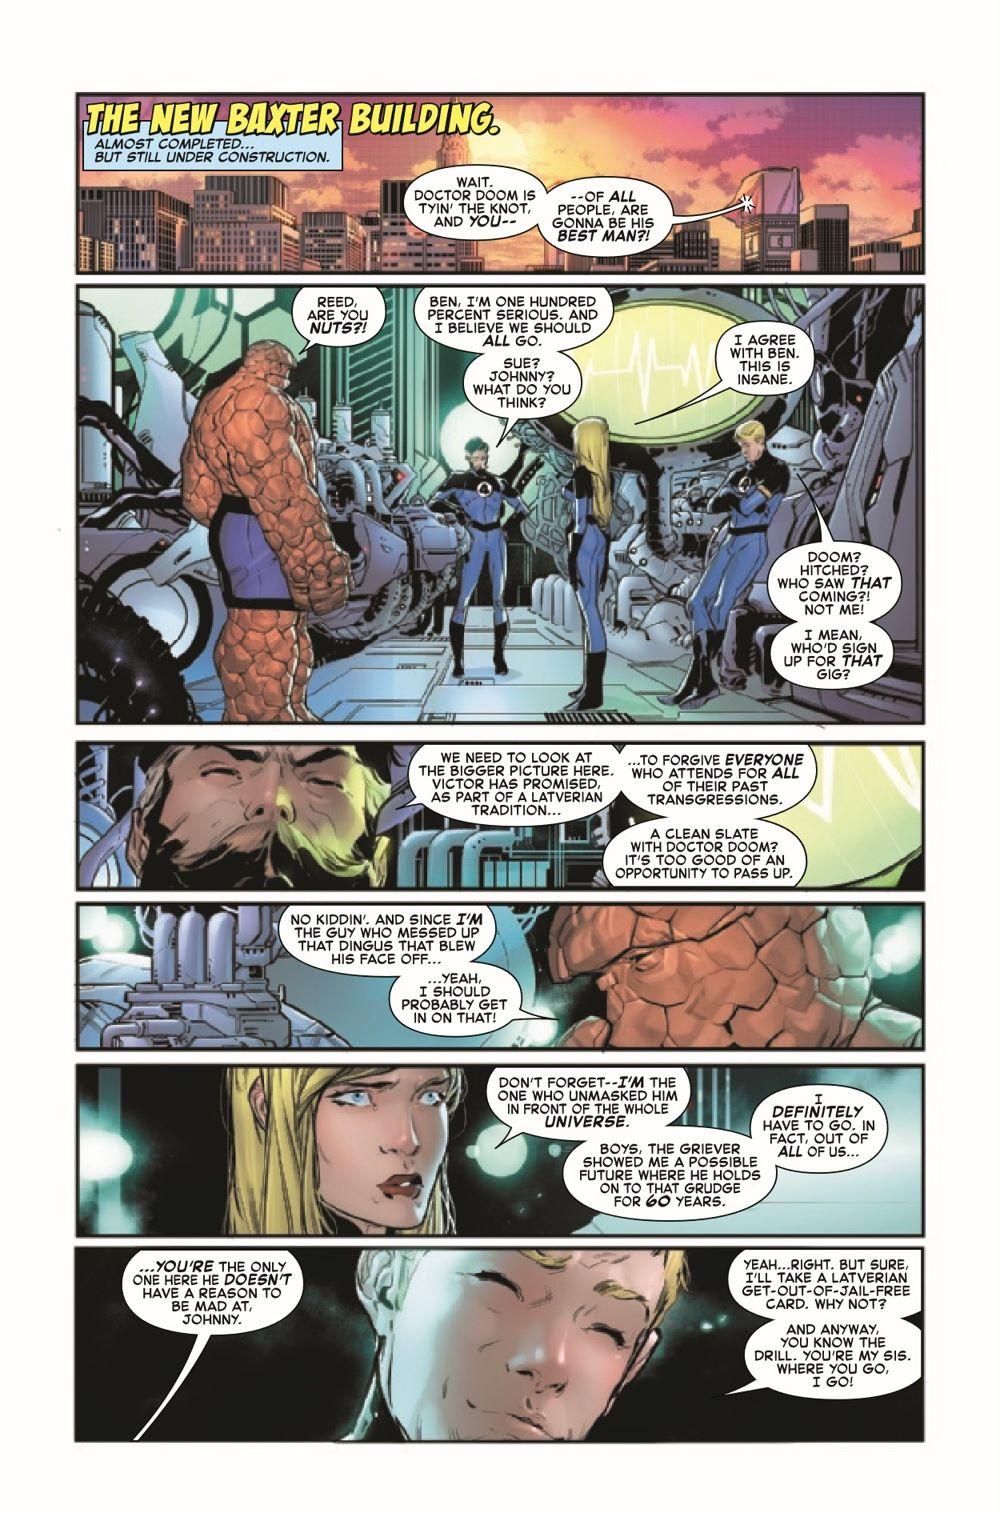 FF2018033_Preview-5 ComicList Previews: FANTASTIC FOUR #33